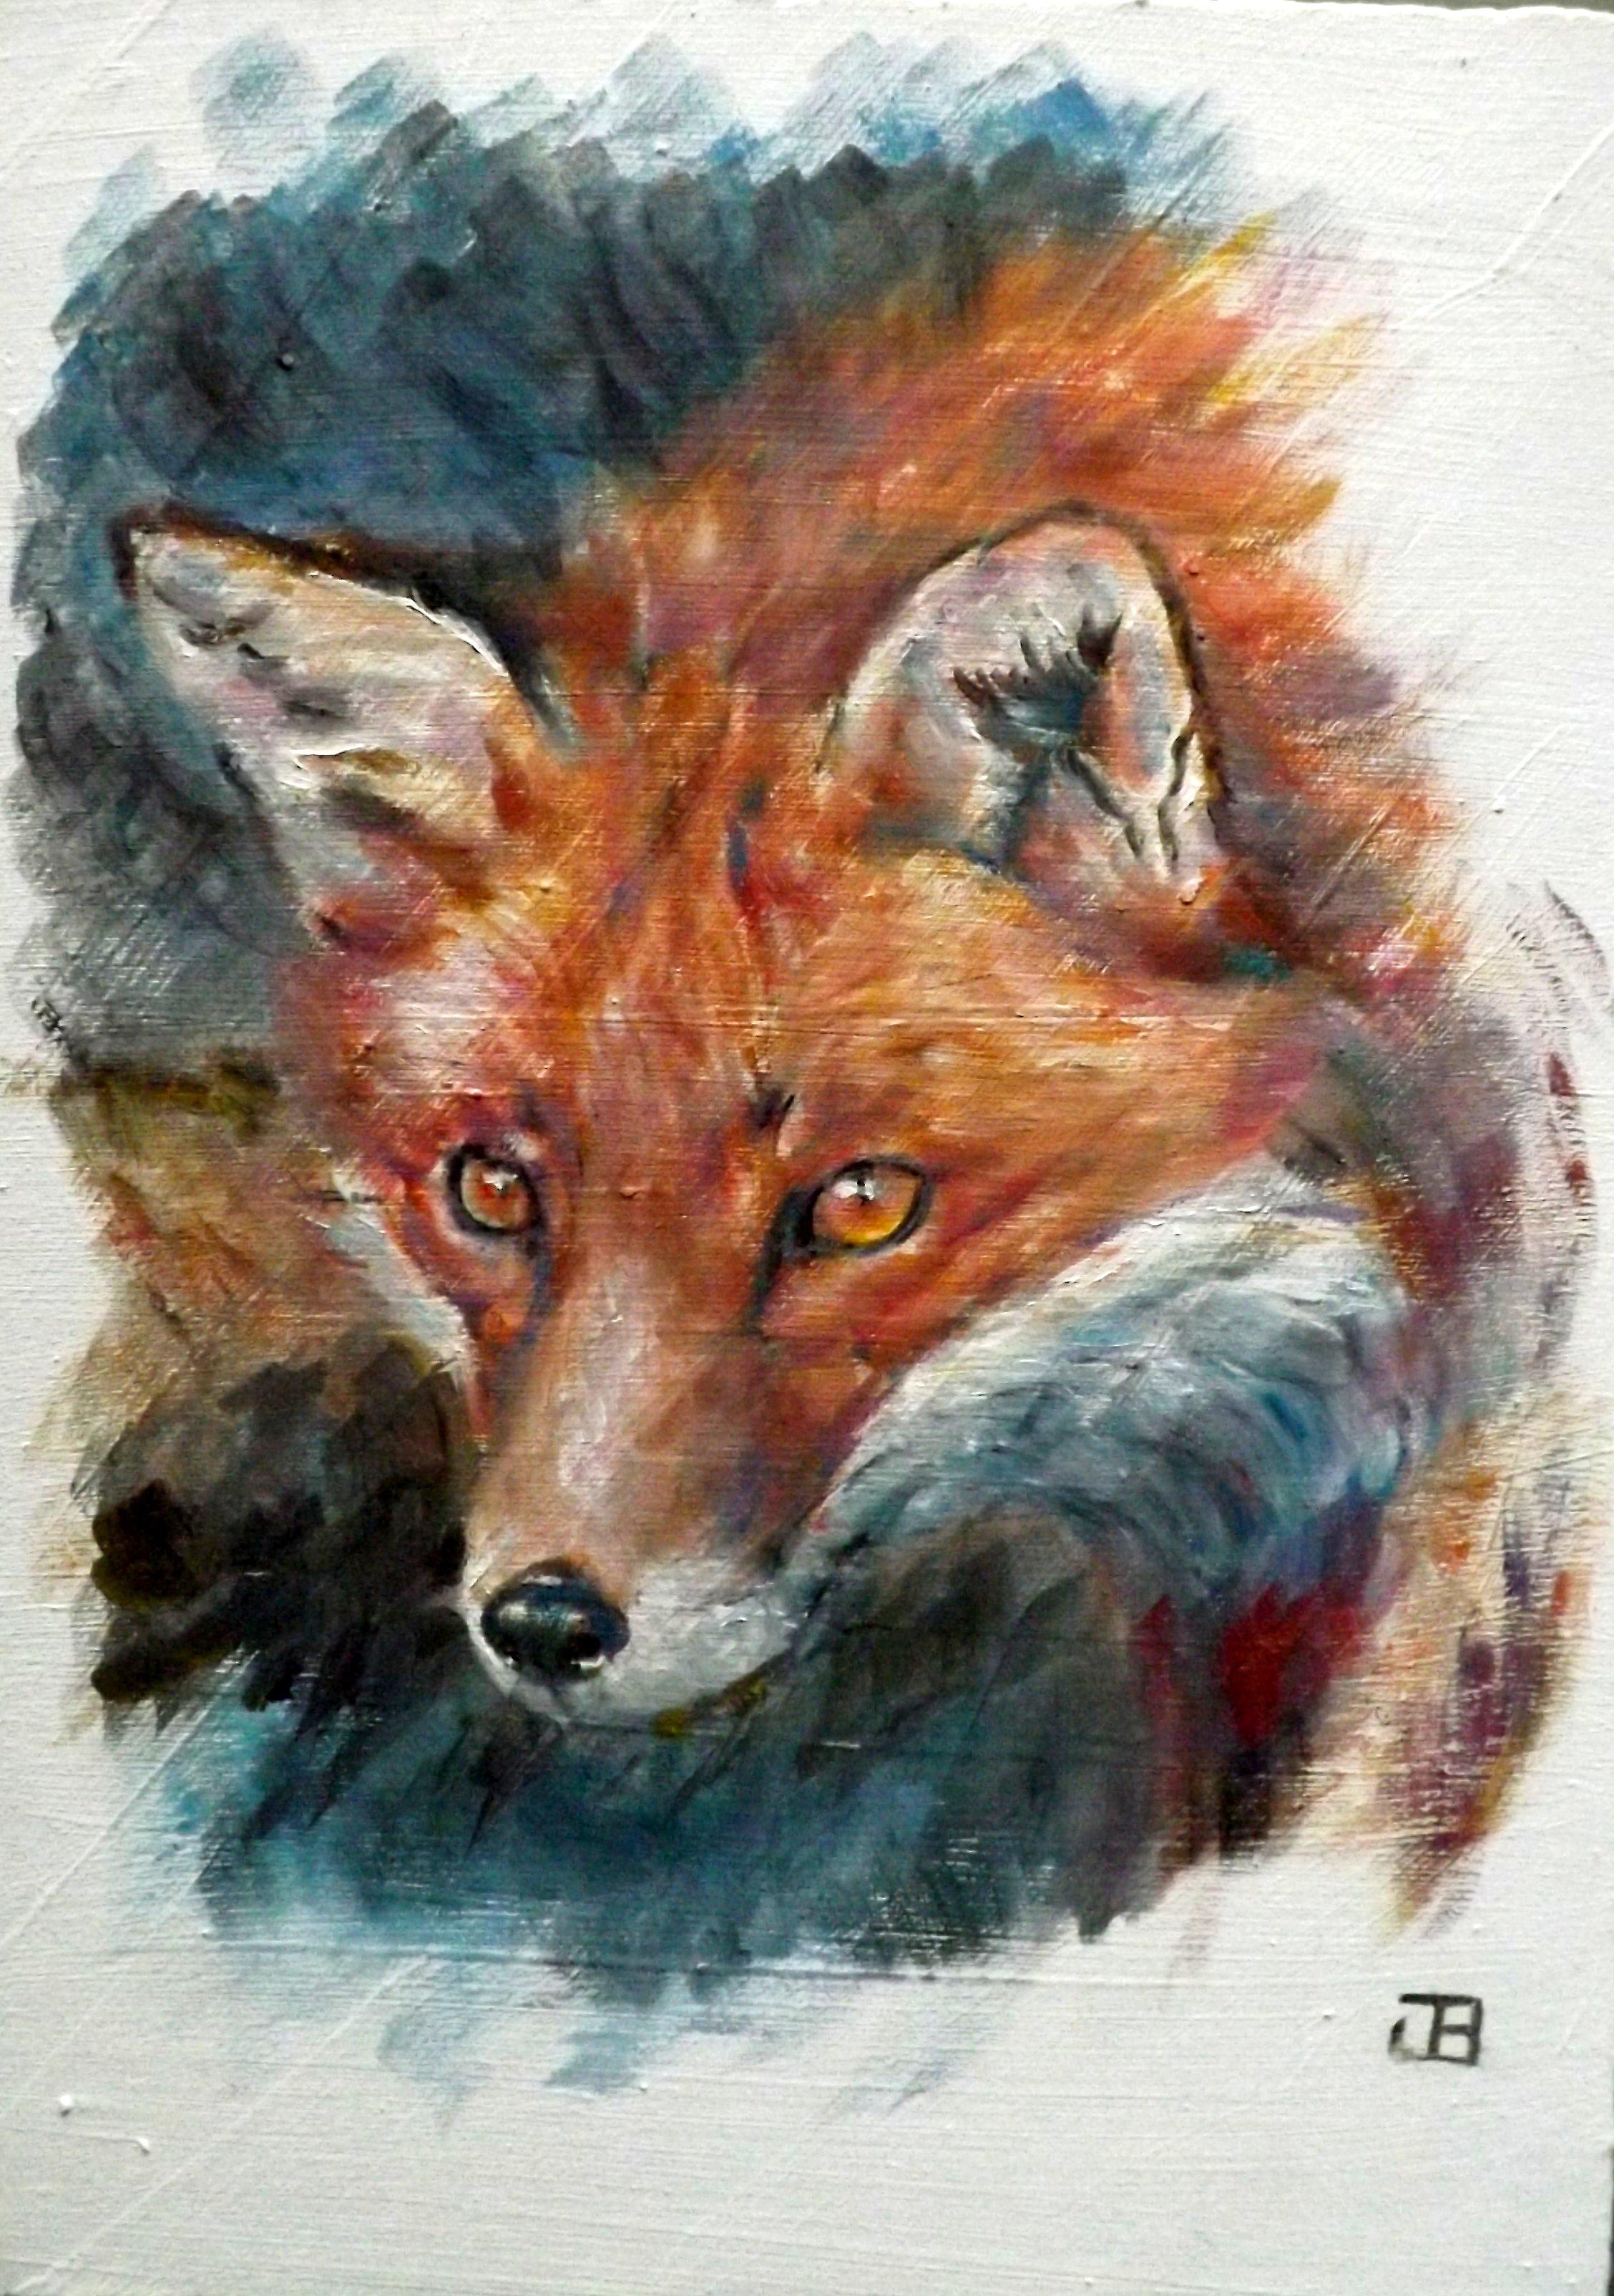 Portraitiste animalier jbillustration - Peinture a l huile sur bois ...